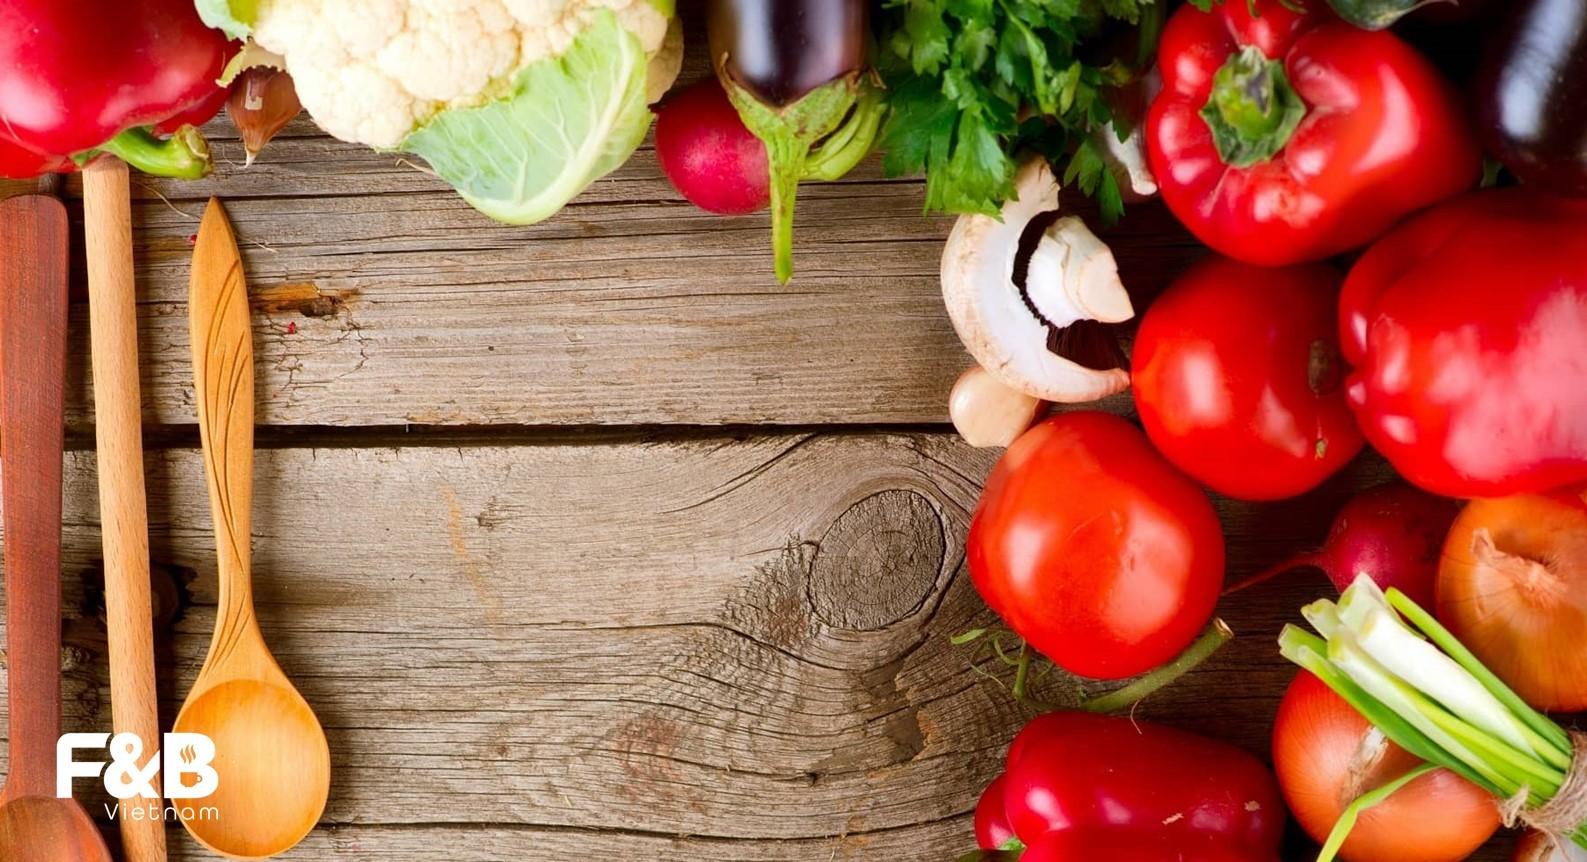 Từ nông trại đến bàn ăn - ý tưởng kinh doanh nhà hàng